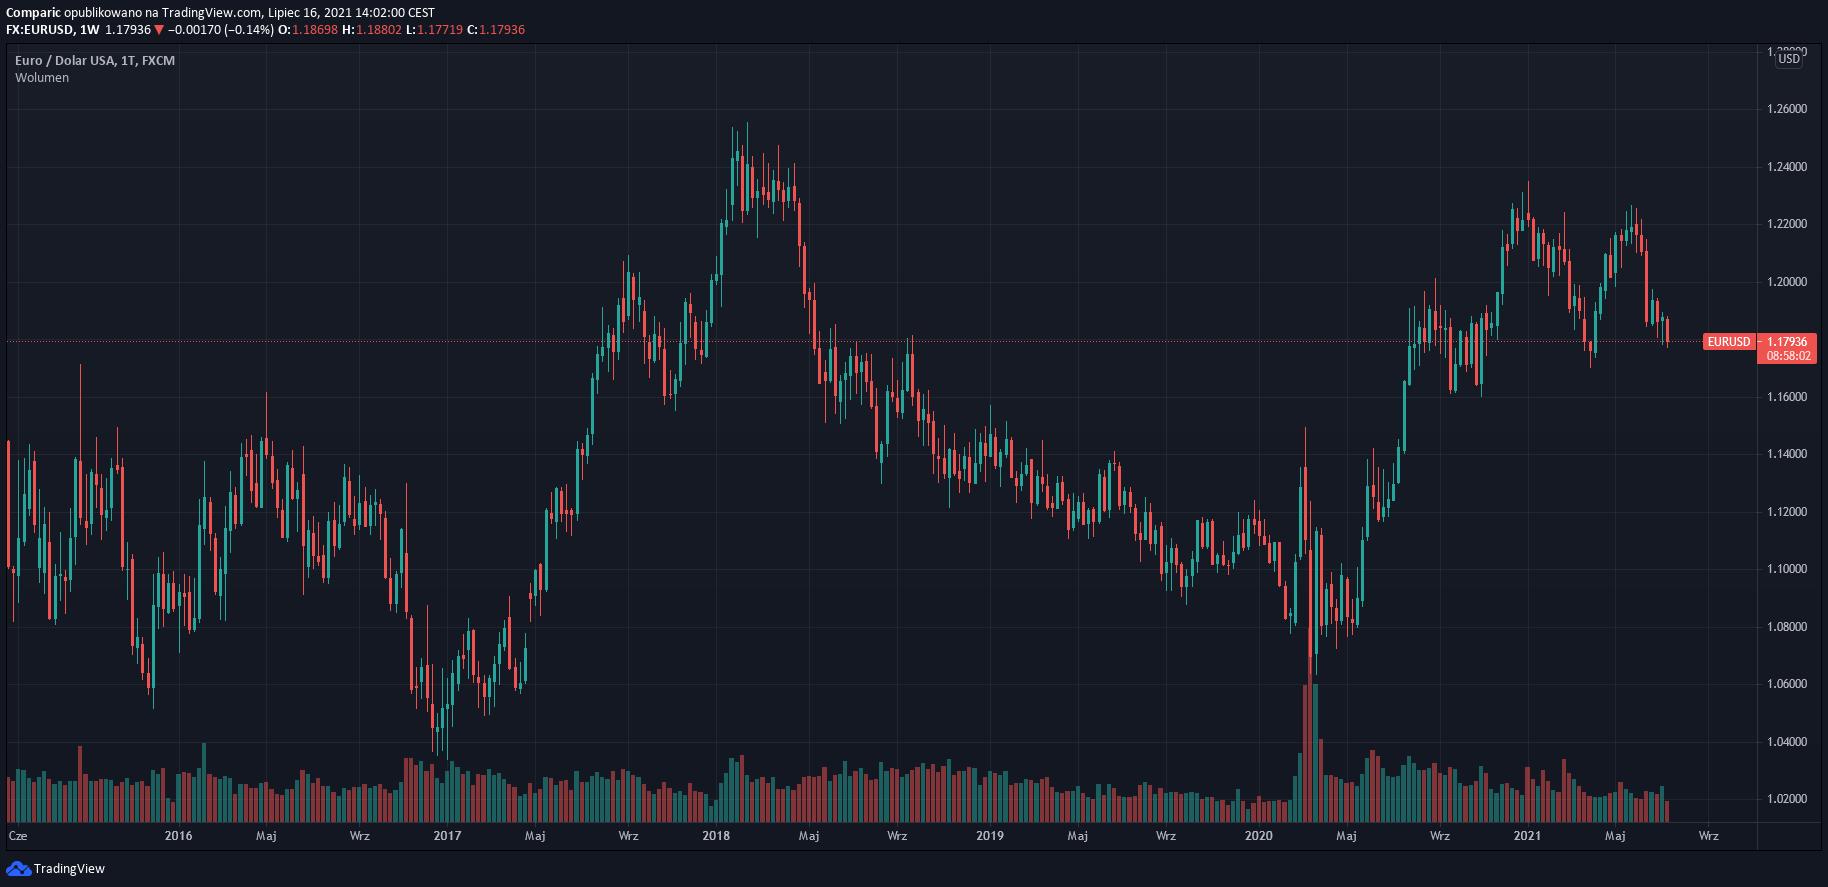 Kurs euro do dolara czeka spadek w 2022 r., twierdzą analitycy UBS